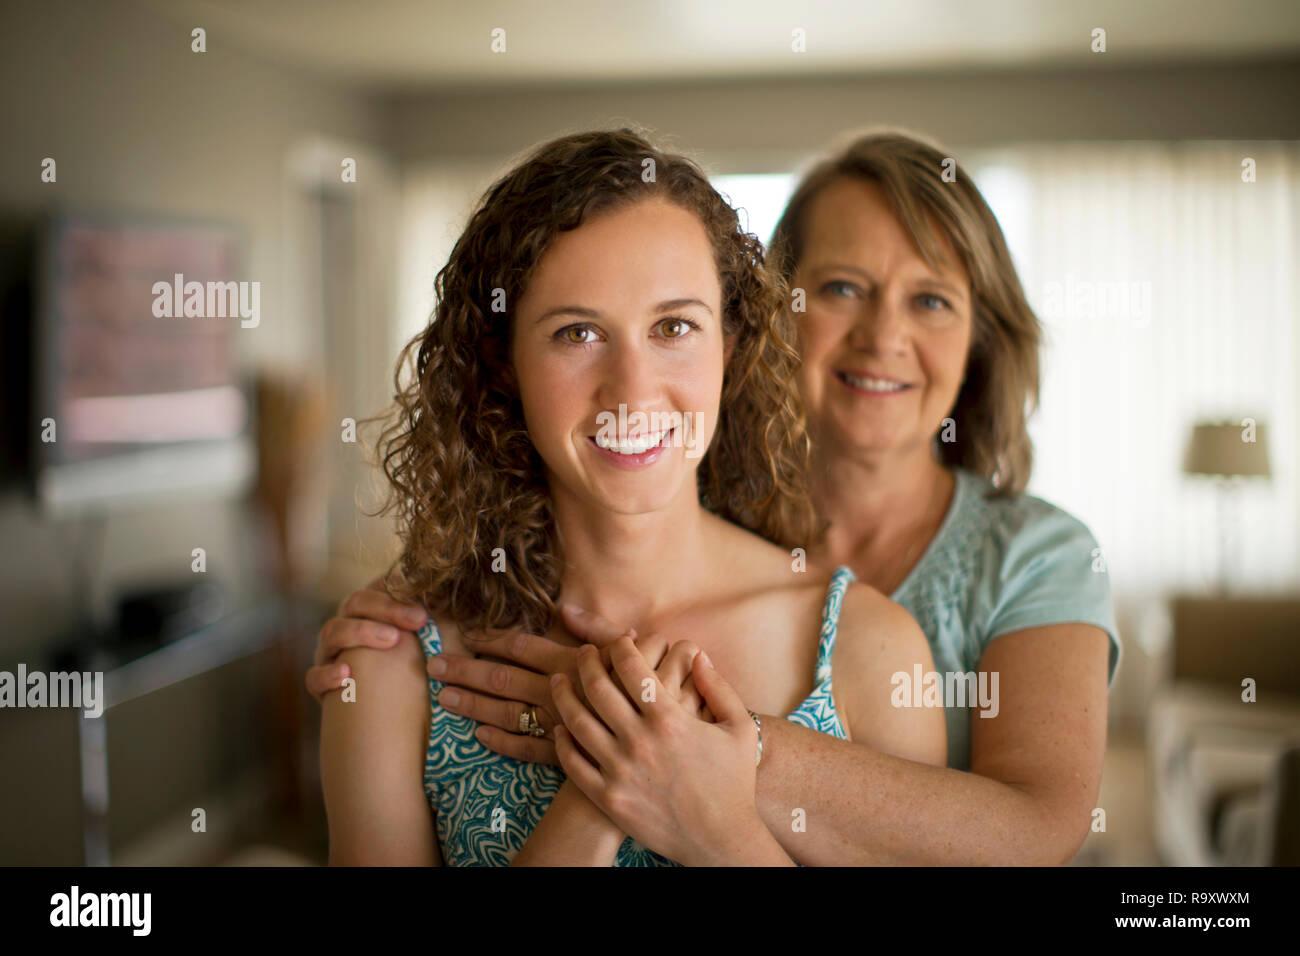 Portrait of a smiling mature woman avec ses bras autour de sa fille adulte. Photo Stock